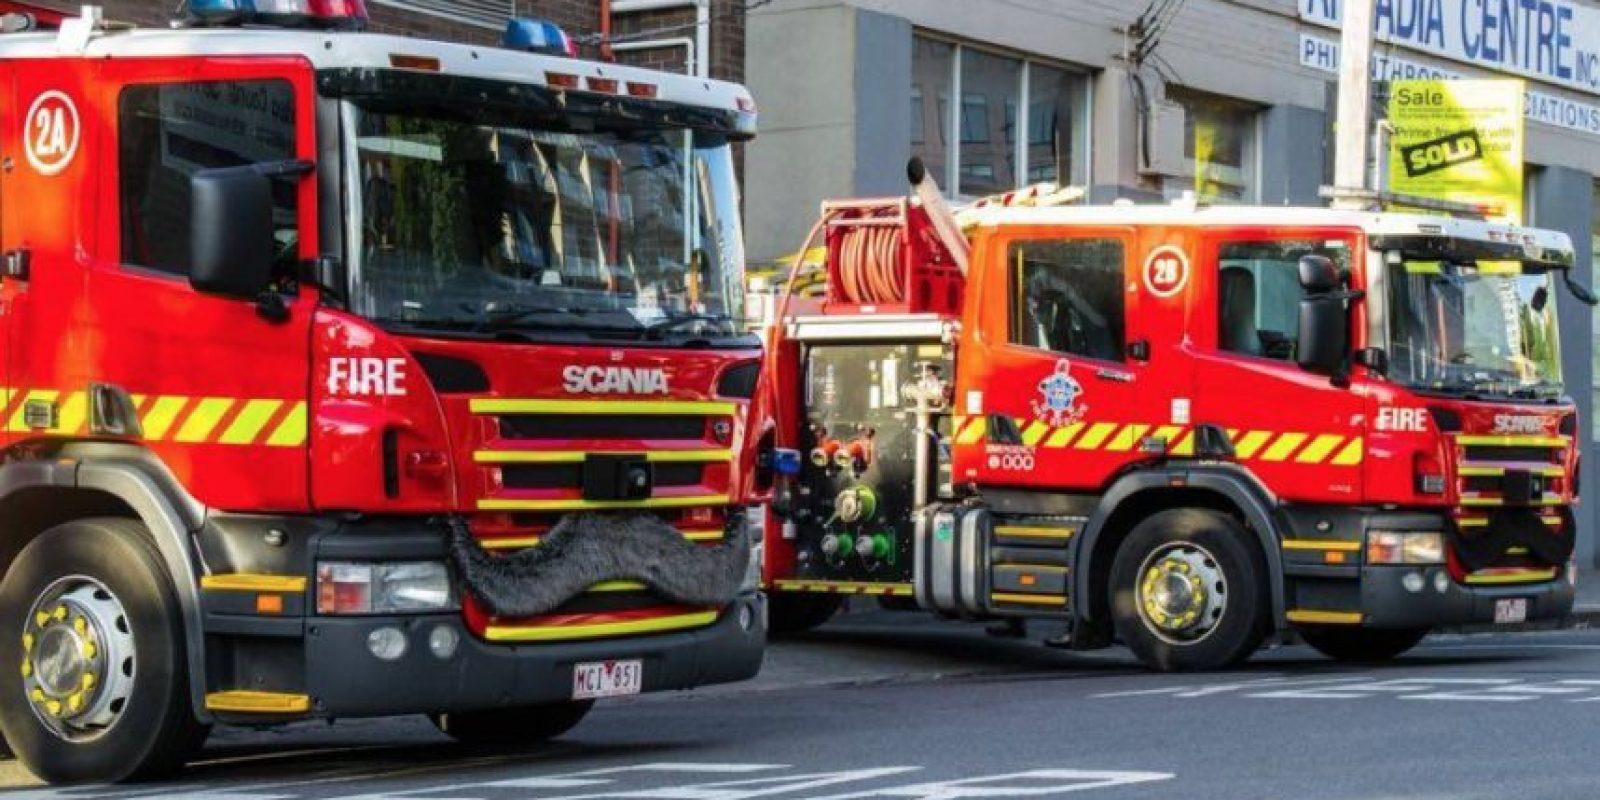 Todo sucedió en un suburbio de Melbourne, Australia. Foto:Vía facebook.com/Melbourne.MFB